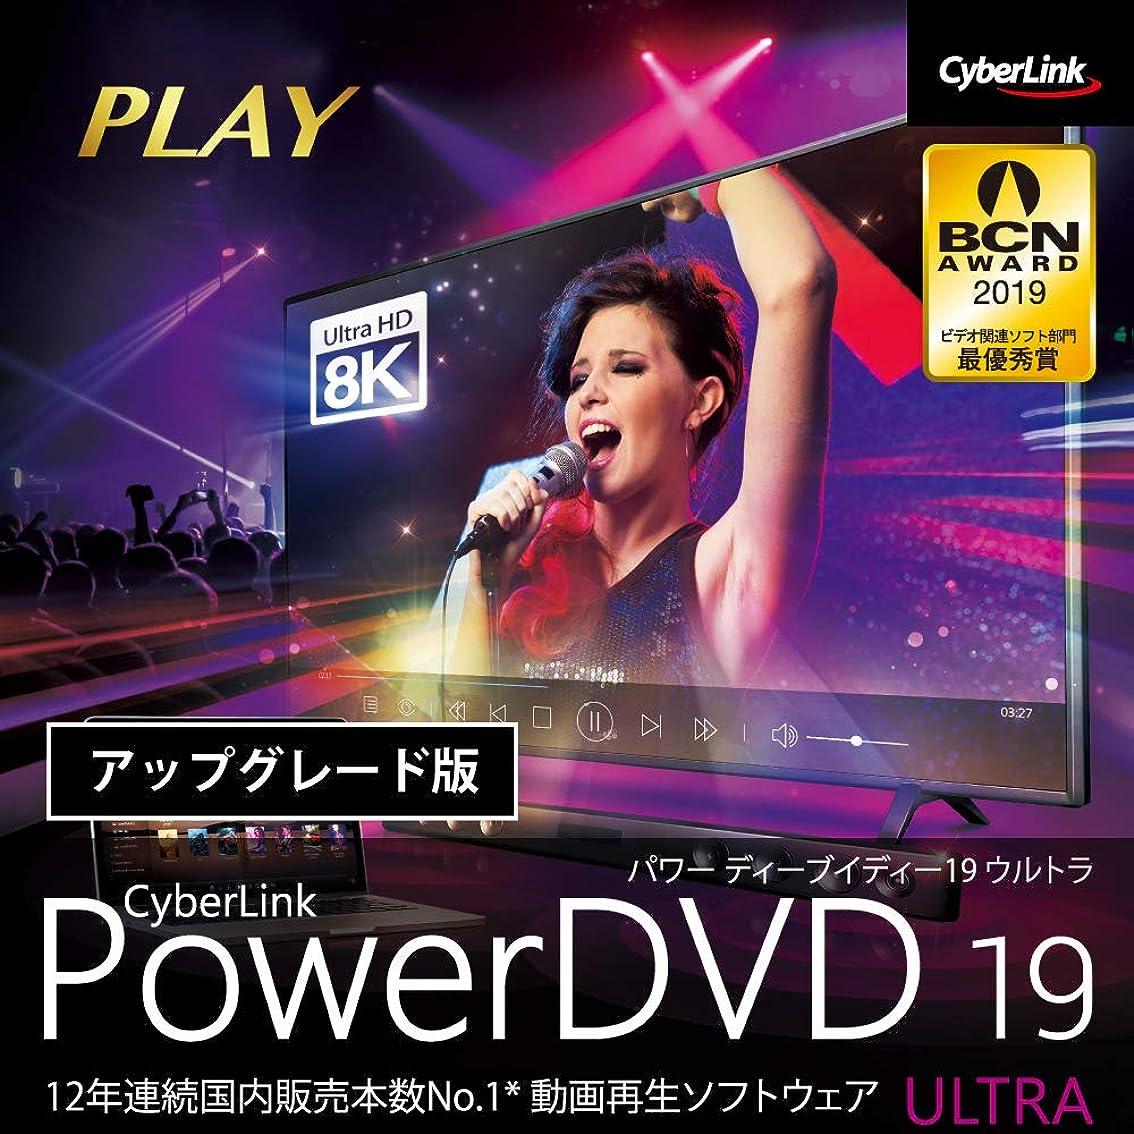 キッチン検索エンジンマーケティング小川PowerDVD 19 Ultra アップグレード版|ダウンロード版